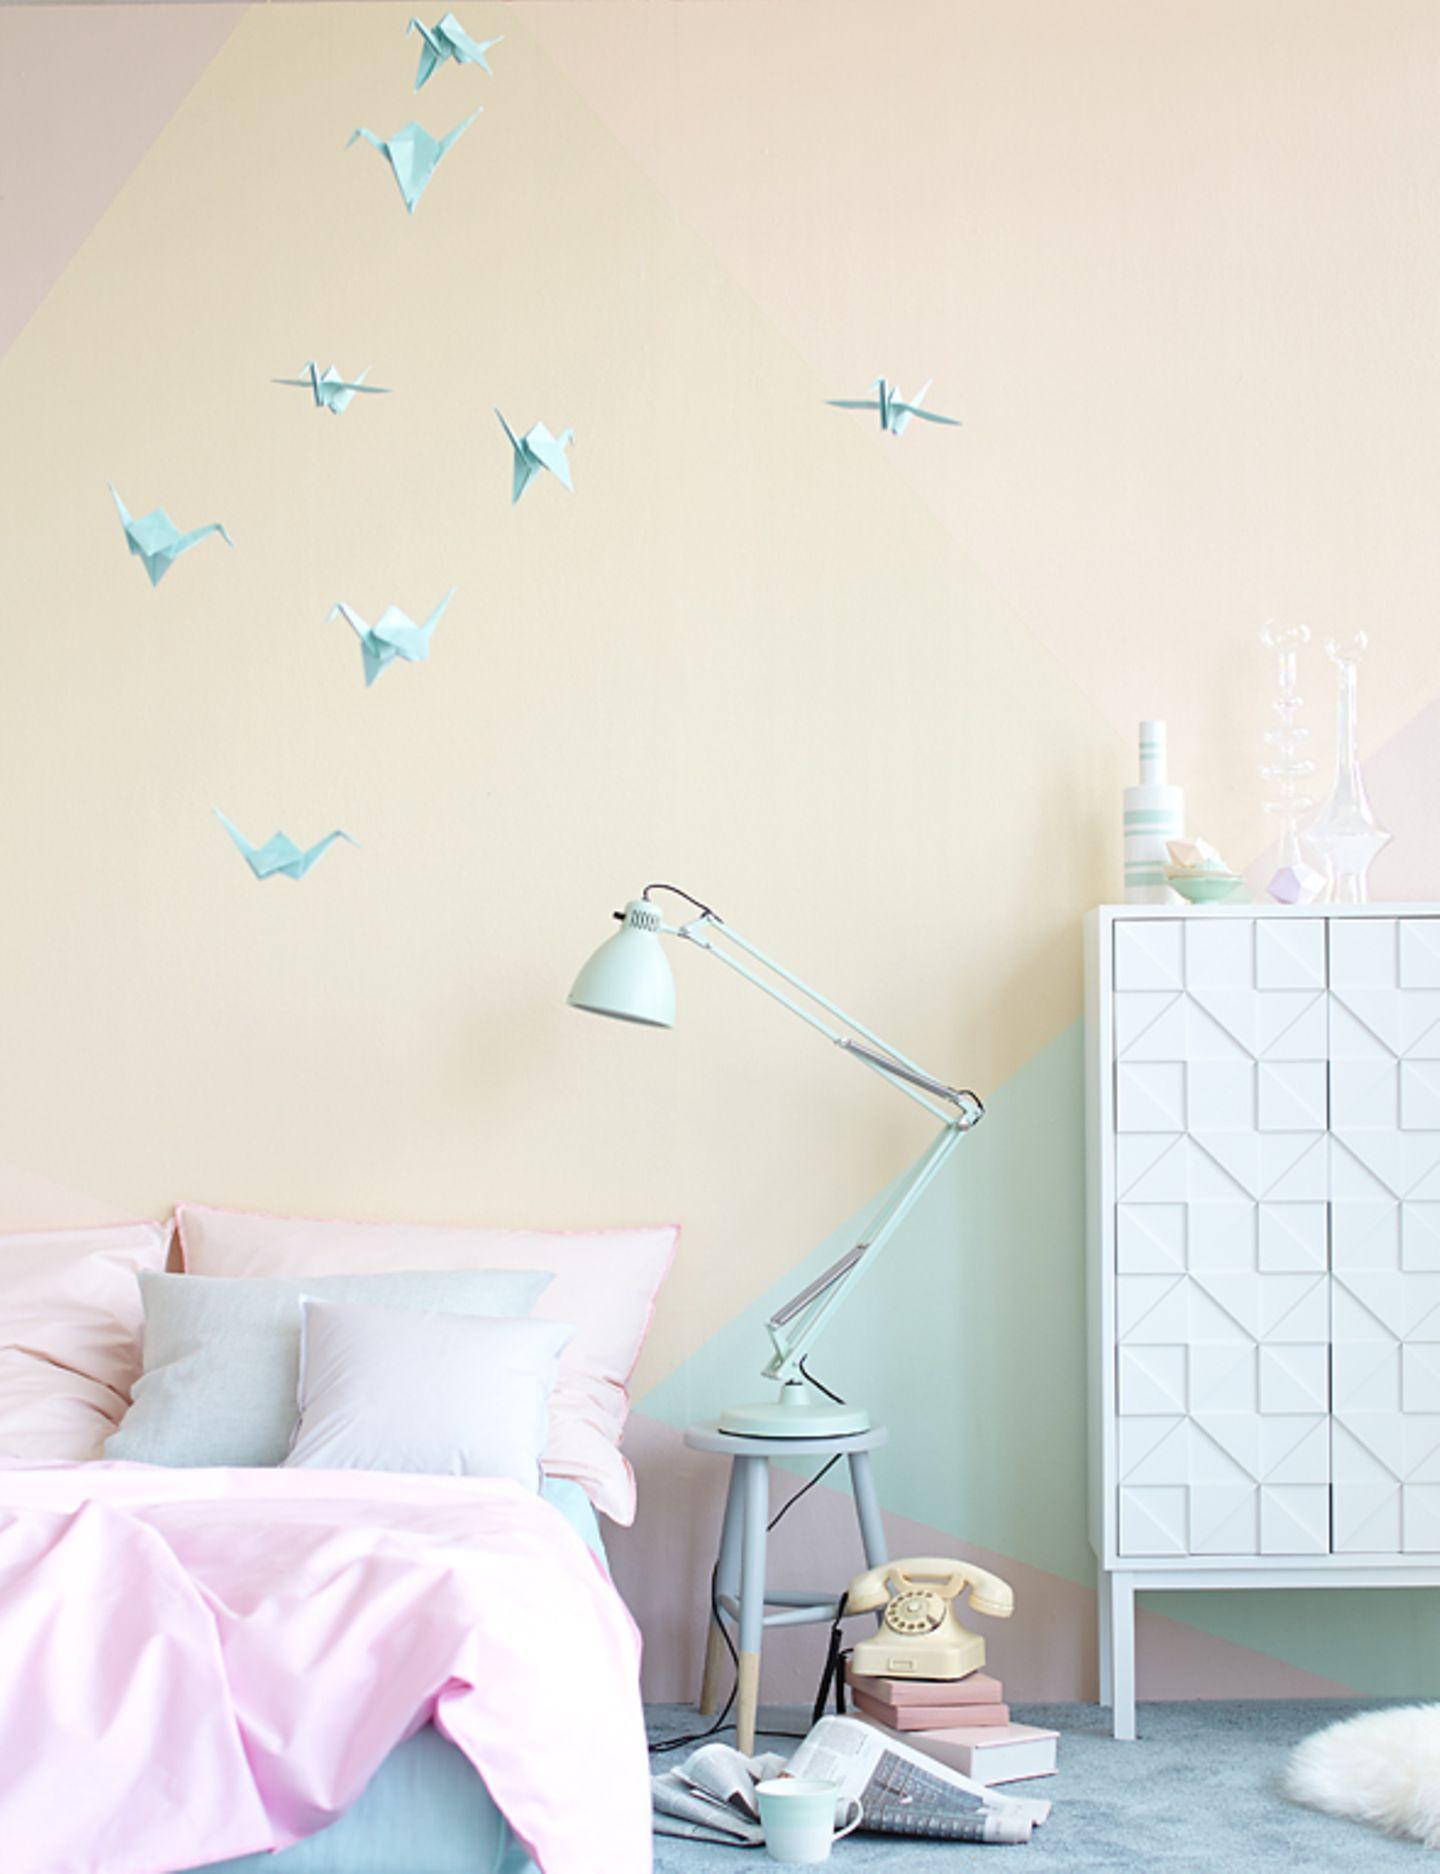 Wand in mehreren Farben gestalten - Bild 9